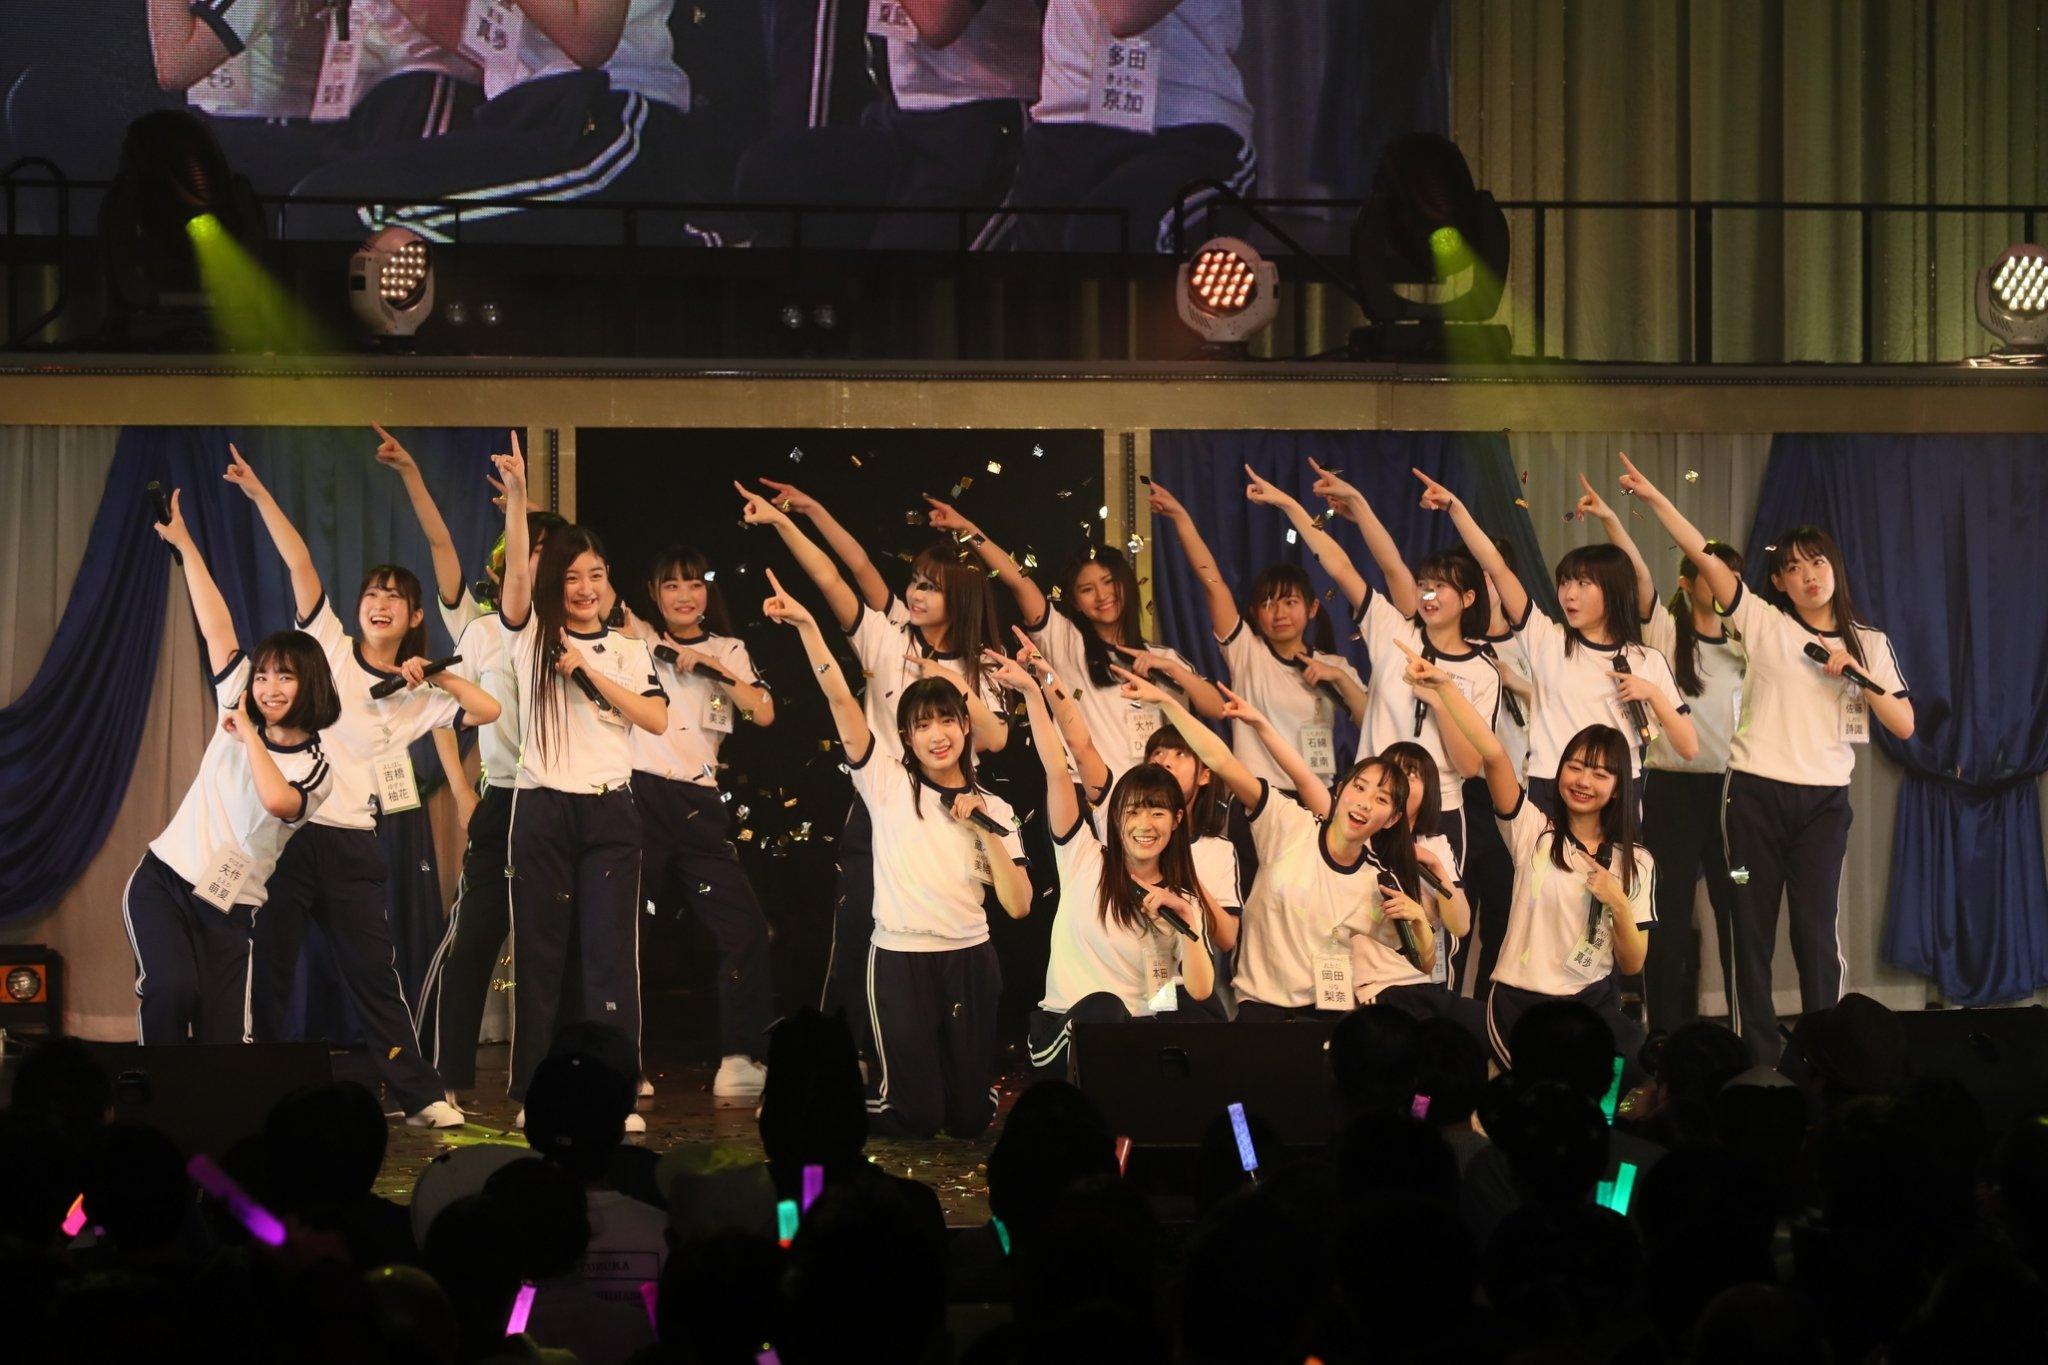 「多田京加の強運ぶり」がAKB48研究生単独コンサートで判明!【写真9枚】の画像002